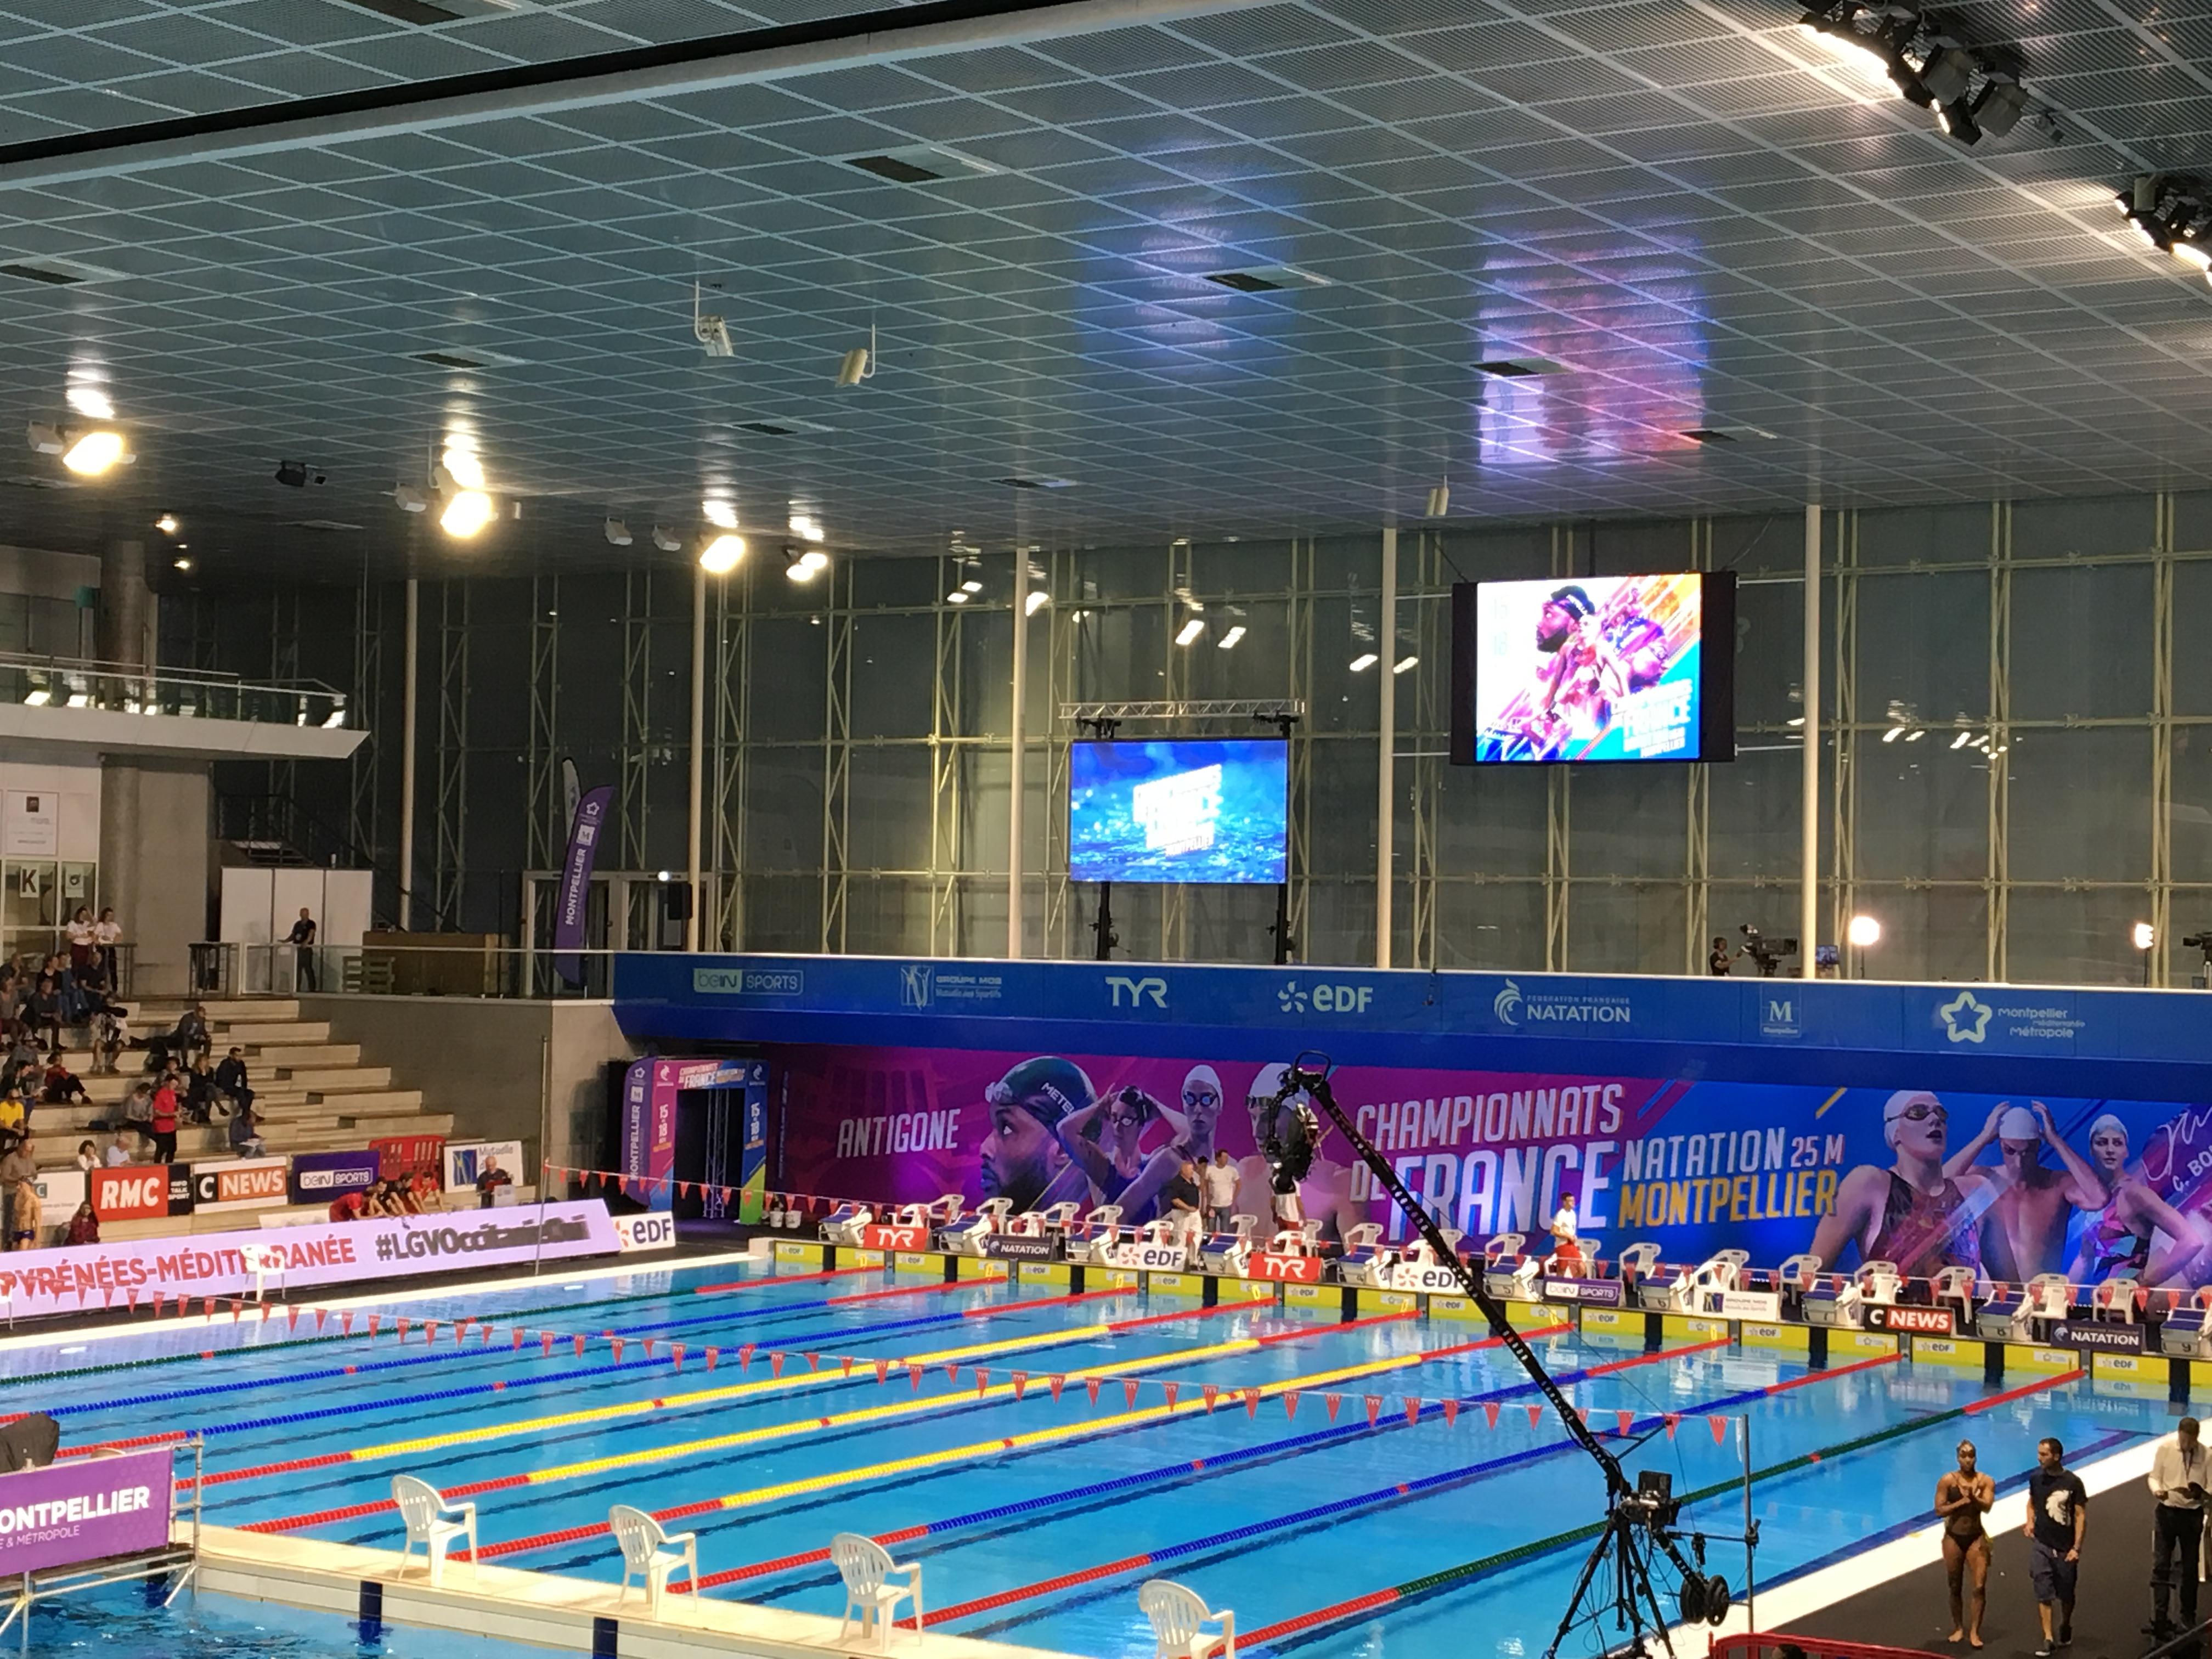 Natation - Championnats de France Elites 25m 2018 à Montpellier